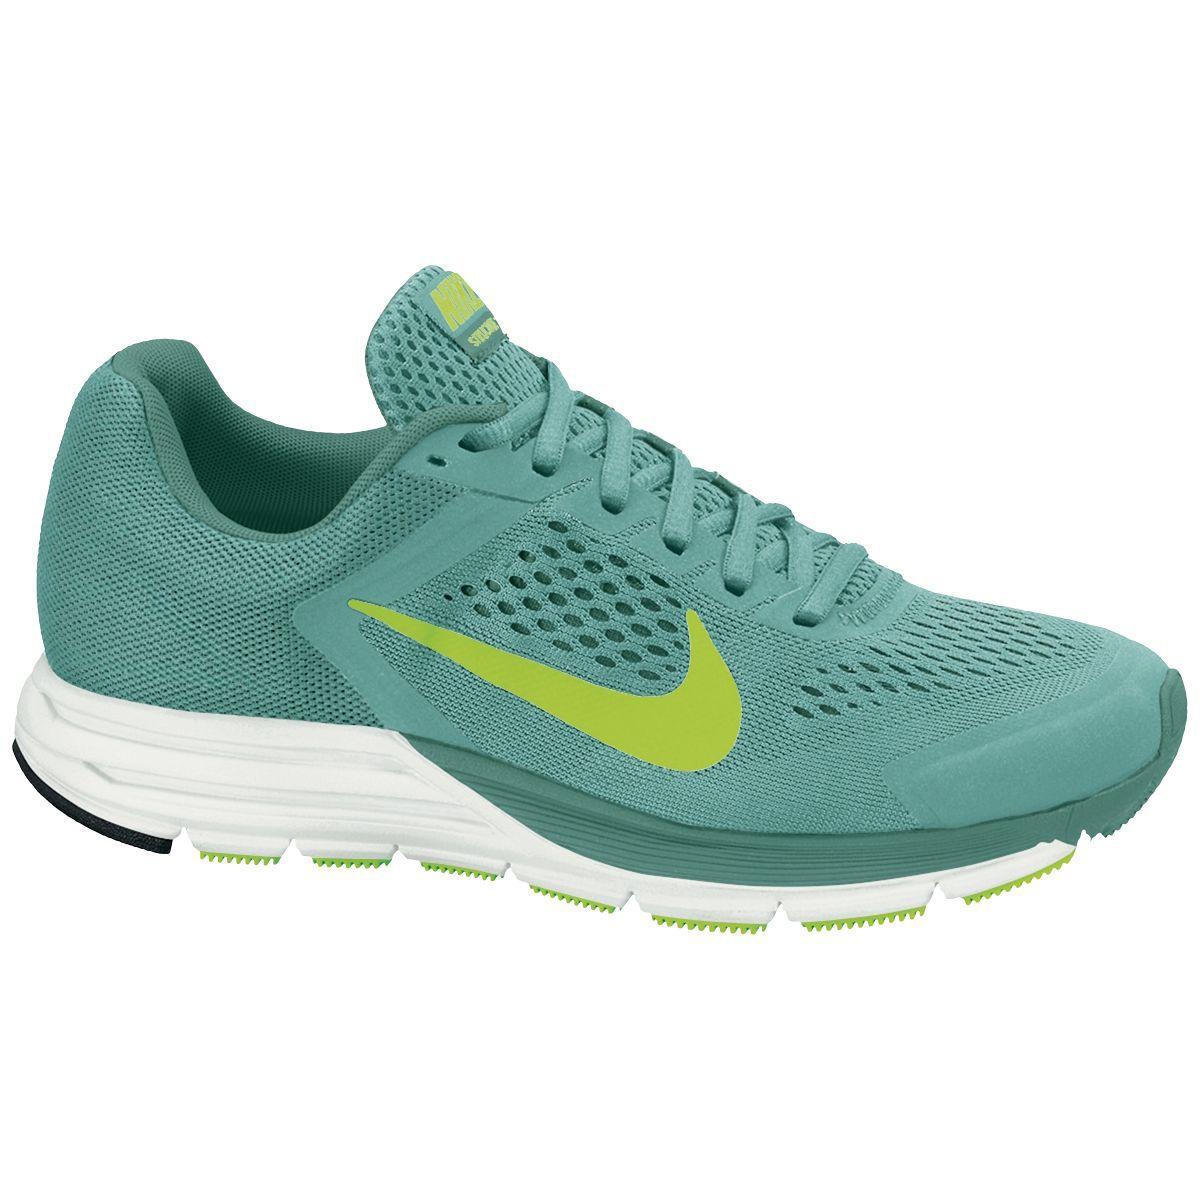 Nike Zoom Structure 17 Para Mujer Zapatos Para Correr - Sp14 clásico de descuento más barato GAIKPlw